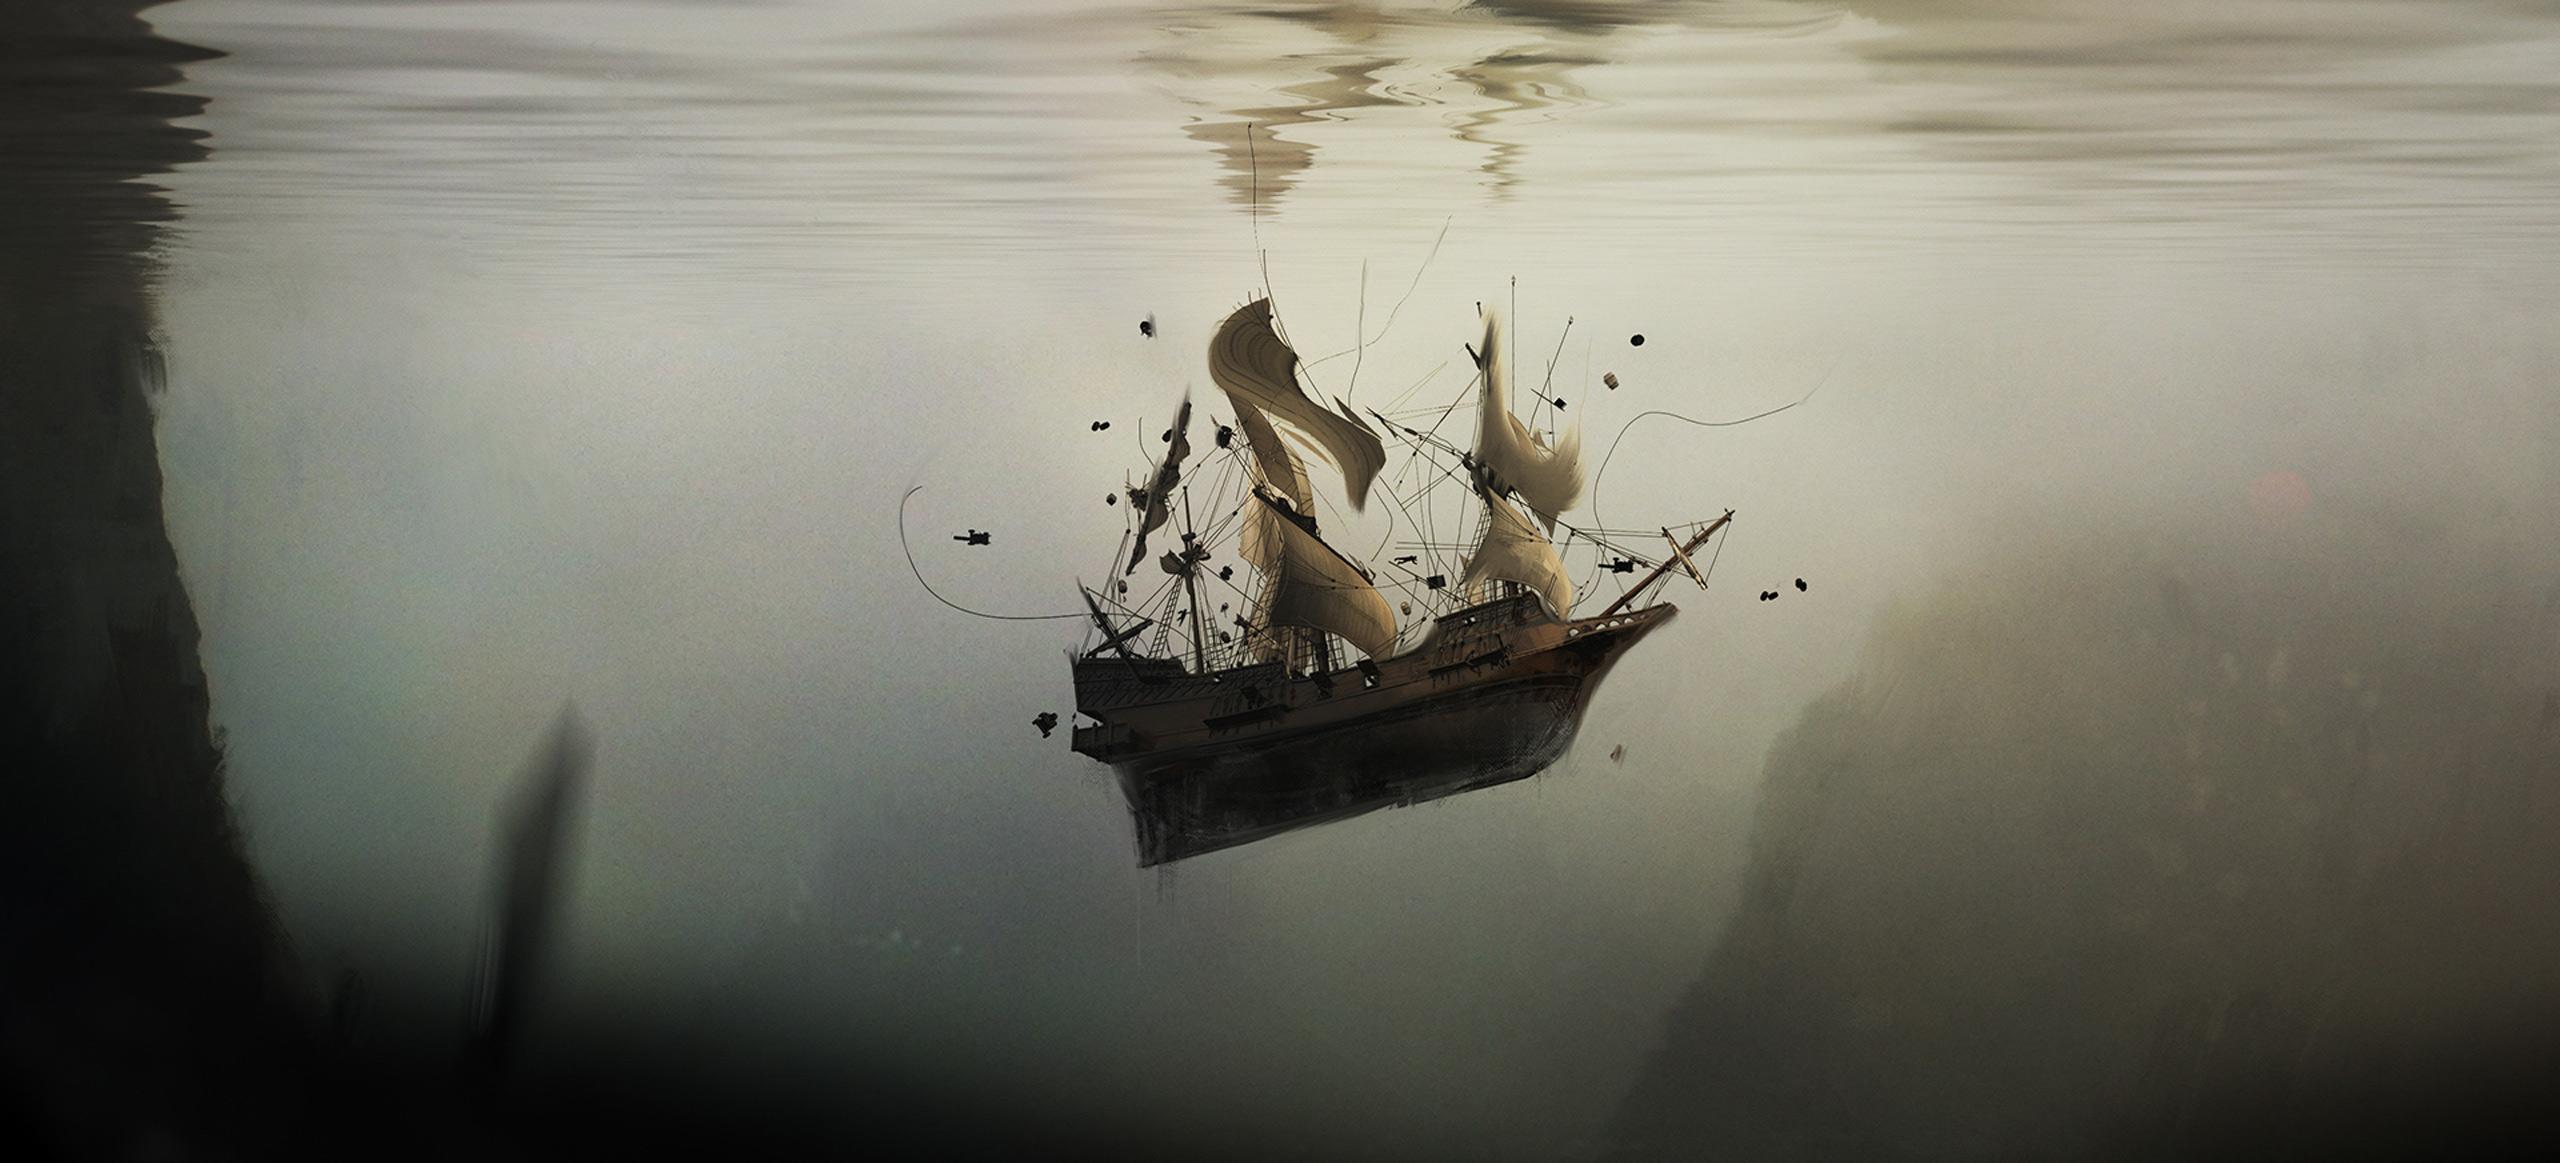 dark-waters-frame-18